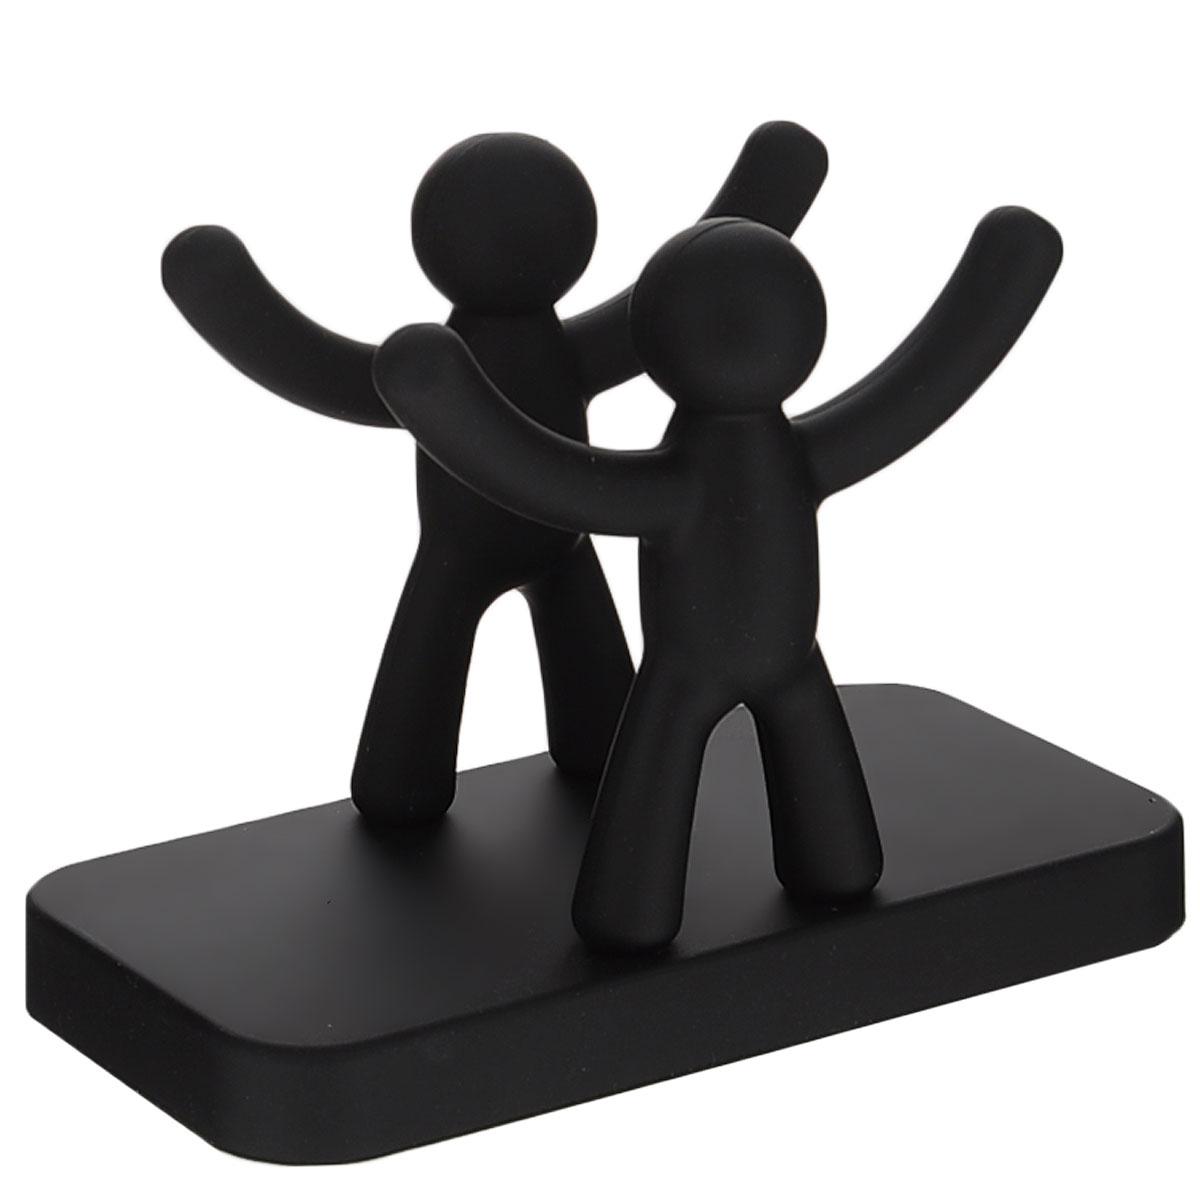 Салфетница Umbra Buddy, цвет: черный330281-040Салфетница Umbra Buddy, изготовленная из высококачественной полипропилена с покрытием Soft-touch, оформлена двумя фигурками человечков с поднятыми вверх руками. Салфетница оригинального дизайна украсит кухонный стол.